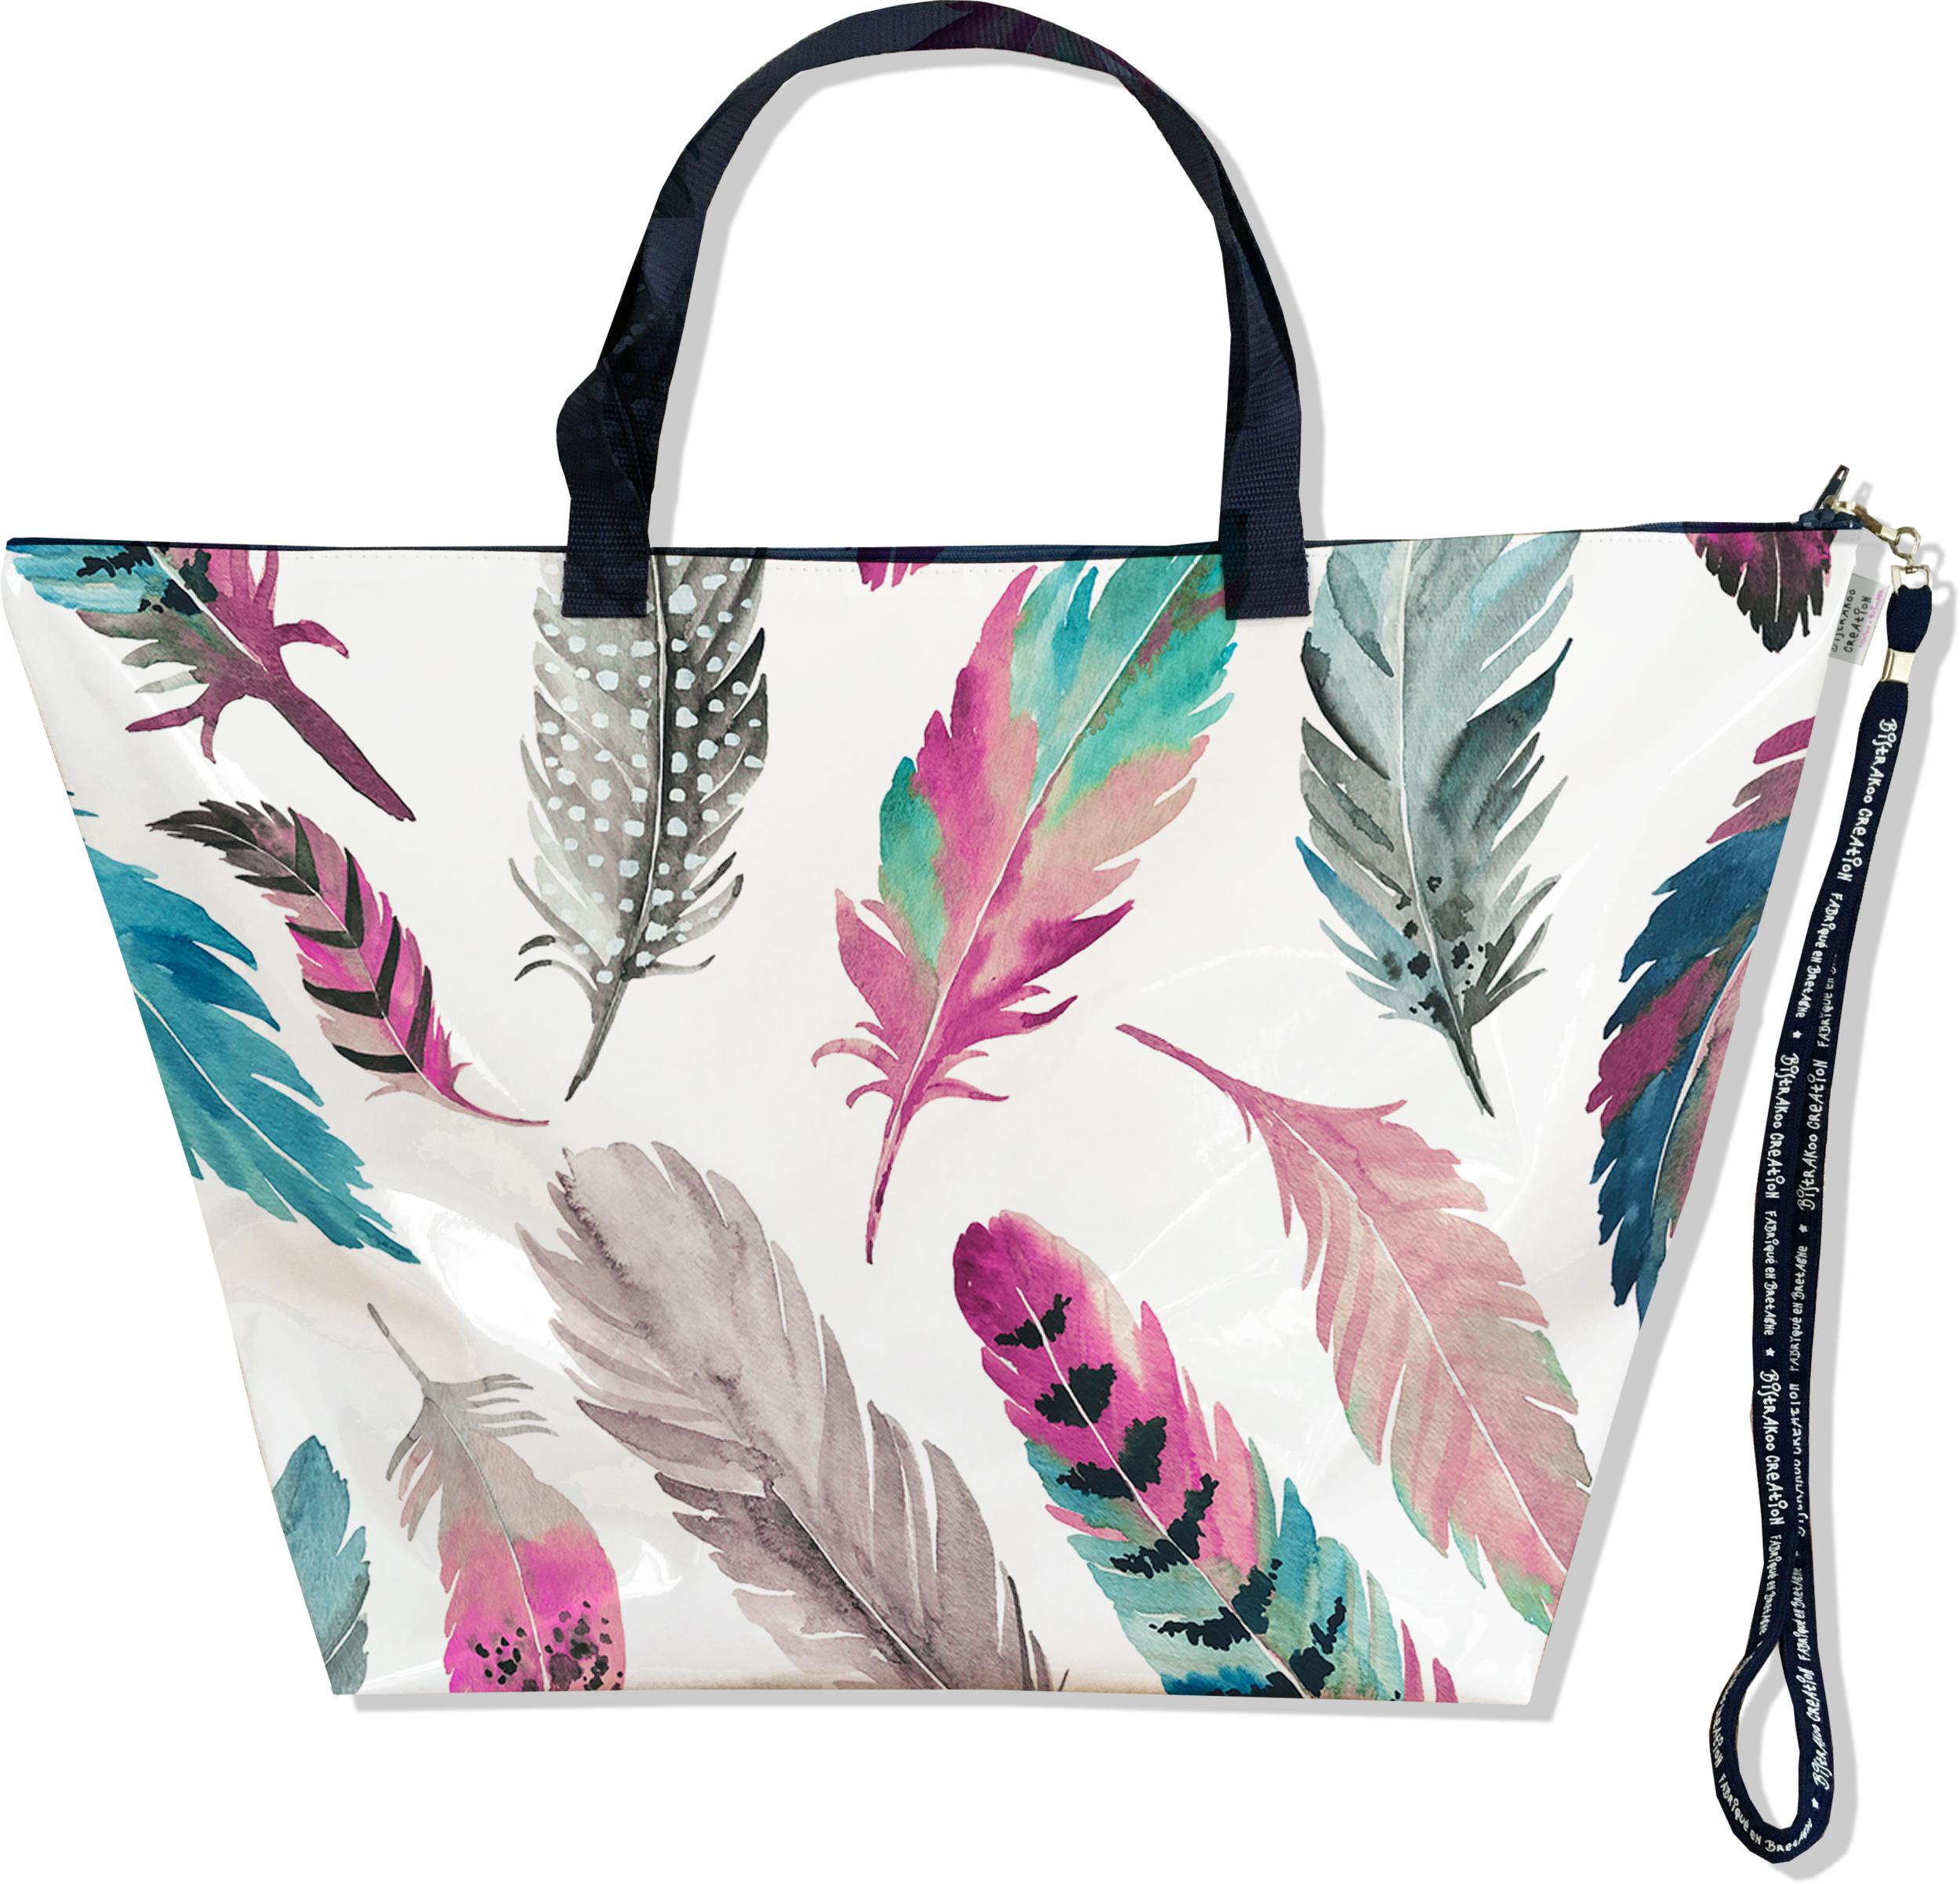 Grand Sac de voyage, sac week end pour femme motif Plumes multicolores SW6003-2019